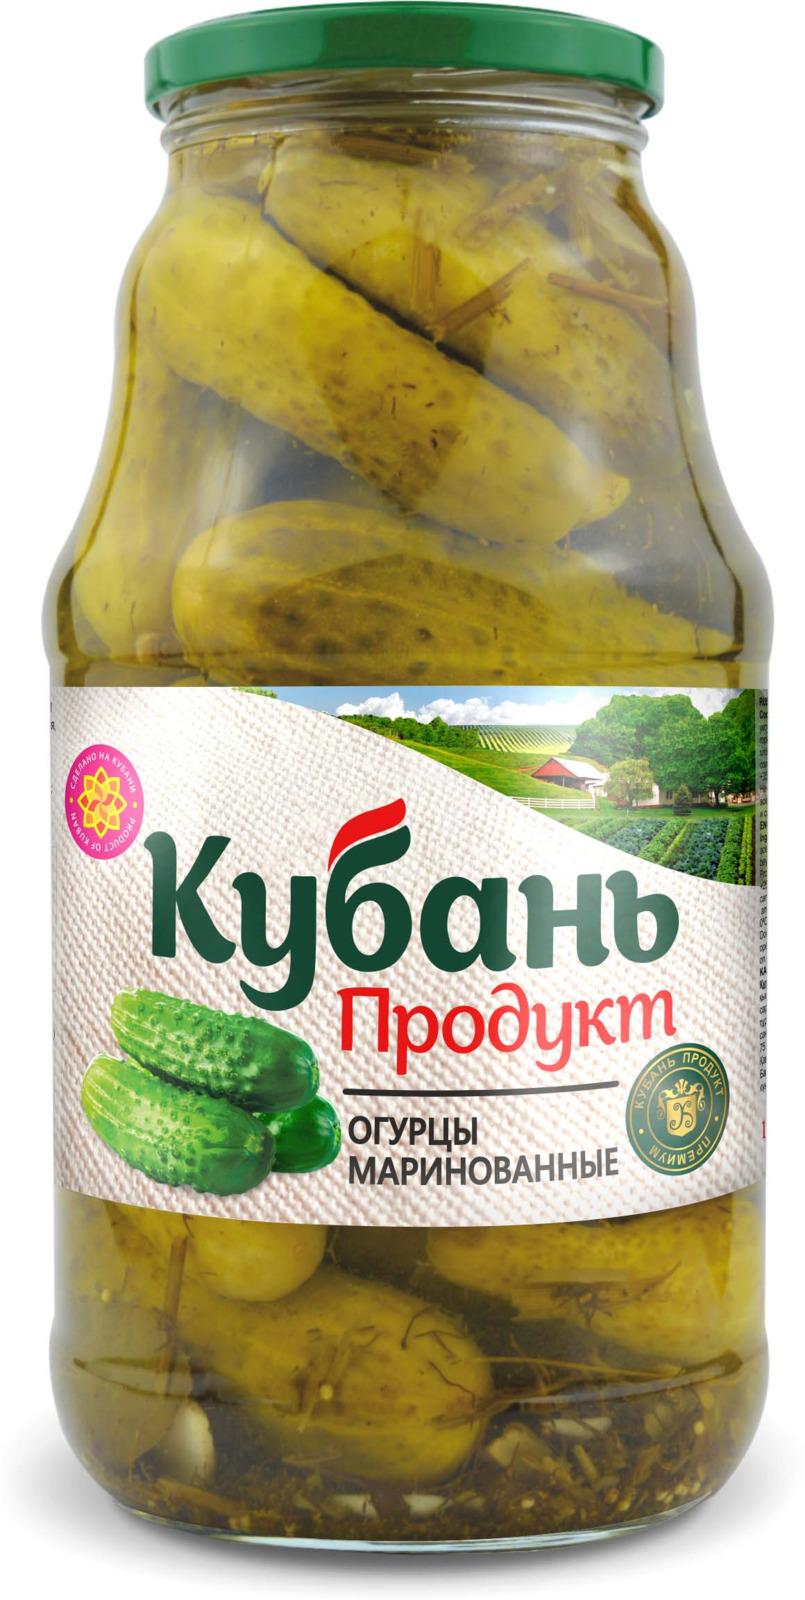 Кубань Продукт огурцы маринованные, 1,8 кг кубань продукт компот вишневый 1 л